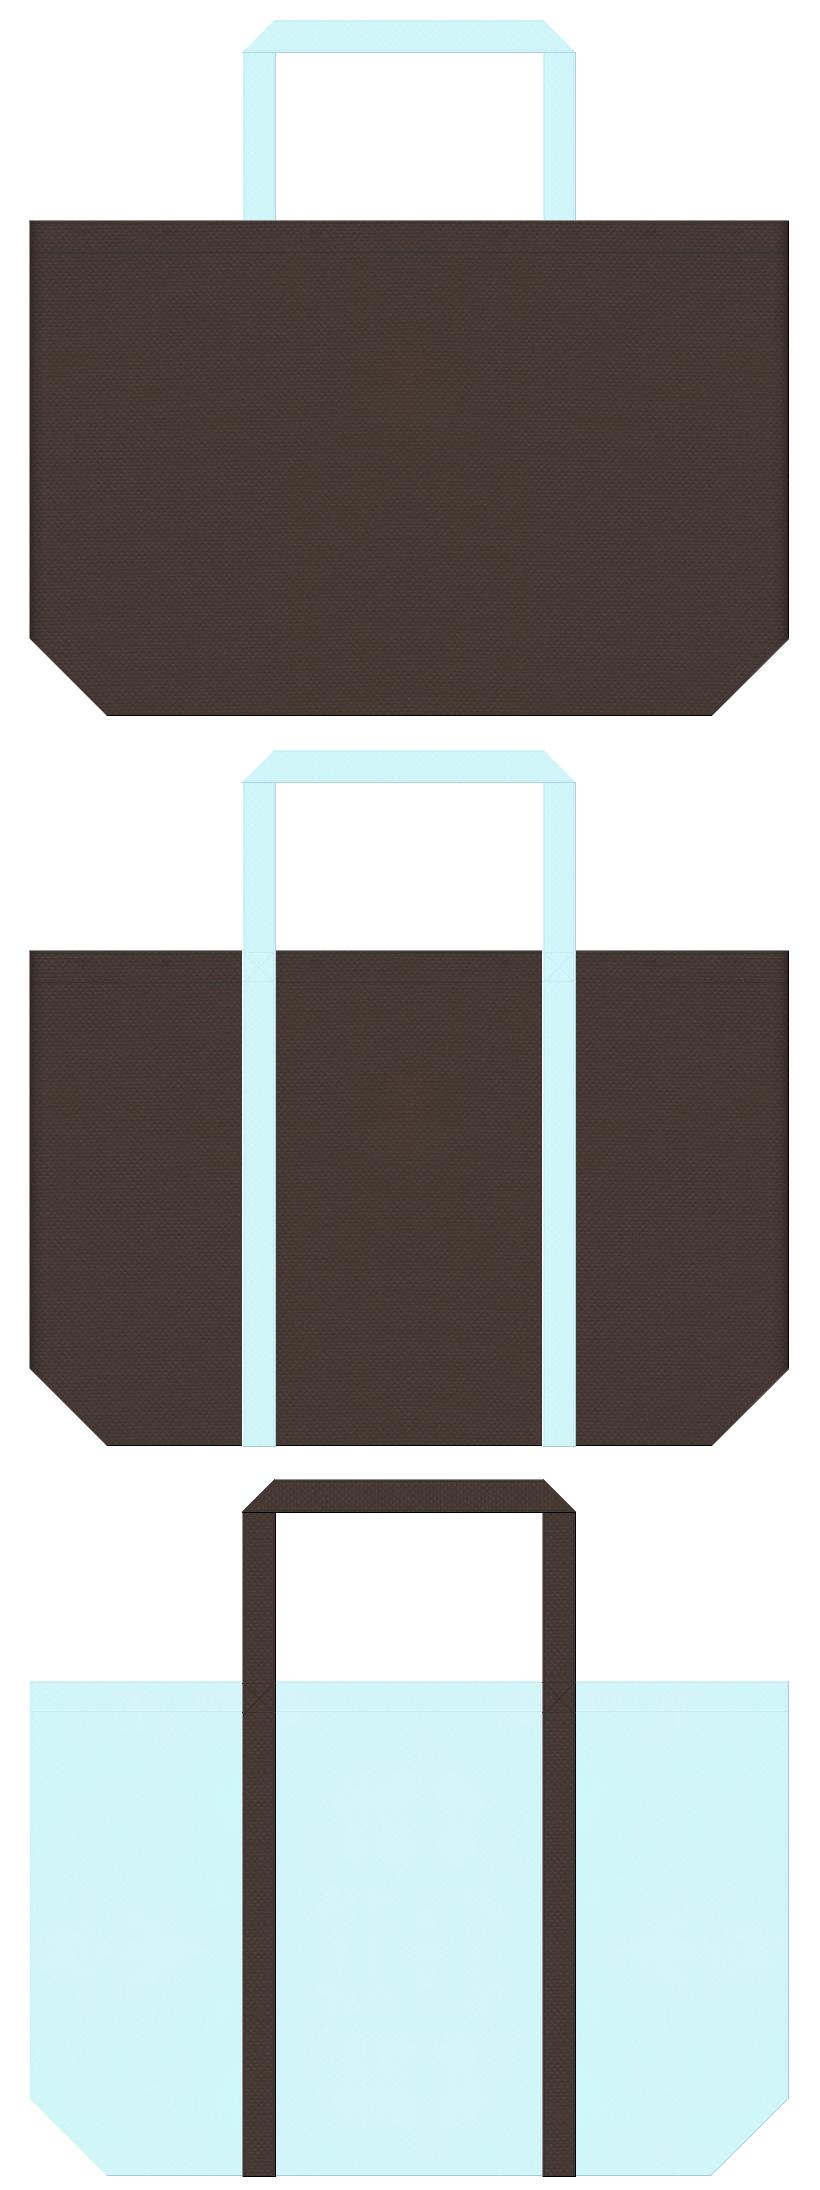 香水・洗面用品・水と環境・水資源・CO2削減・地球温暖化・環境イベント・アイスキャンディー・ミントチョコレート・スイーツのショッピングバッグ・保冷バッグにお奨めの不織布バッグデザイン:こげ茶色と水色のコーデ